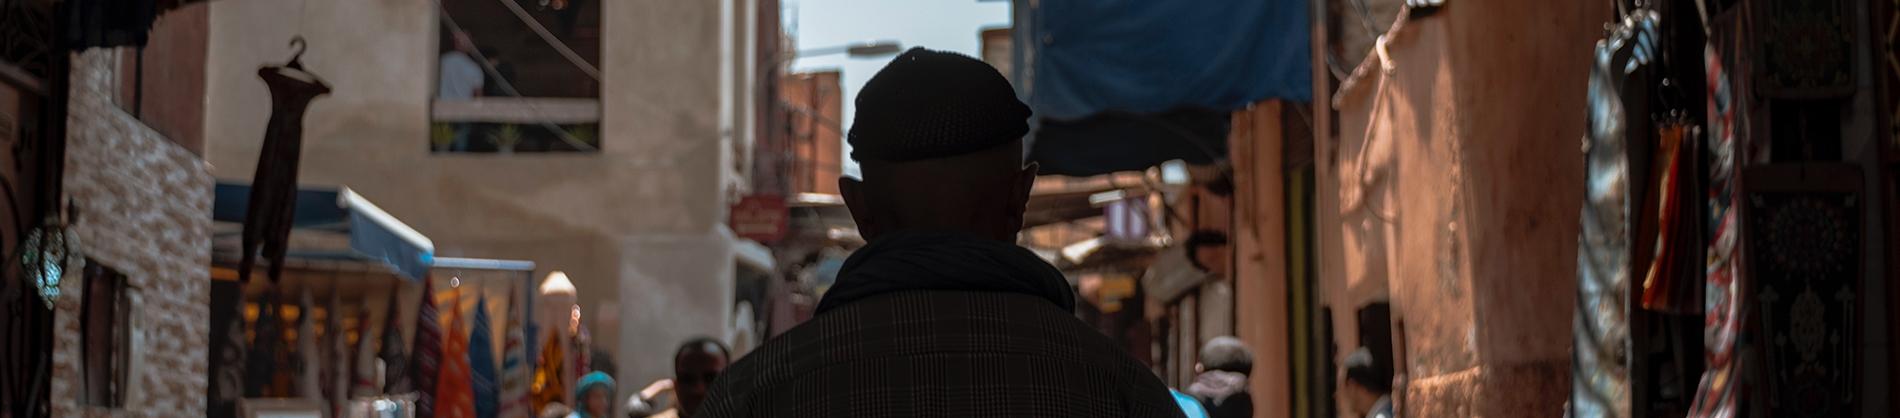 A man walking through a old town